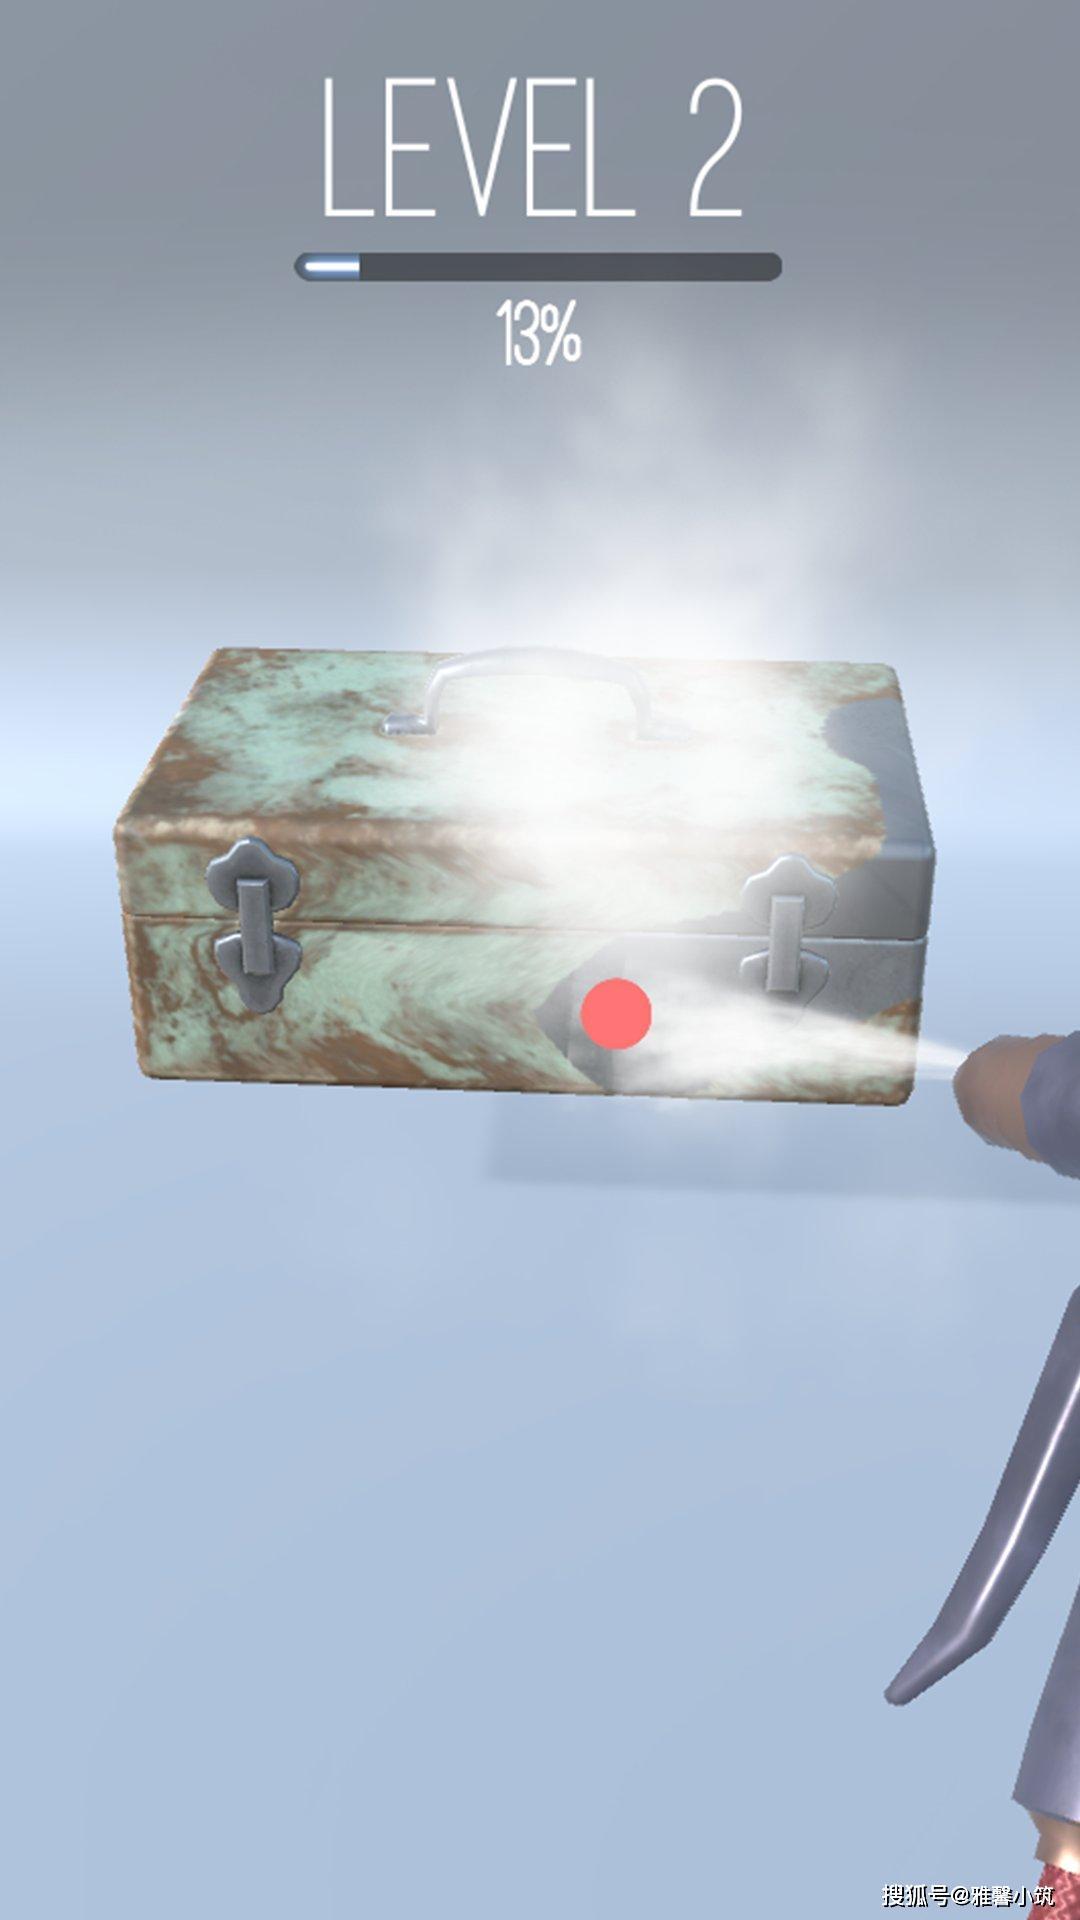 环保主题游戏《RustyBlower3D》去除污渍更靓丽